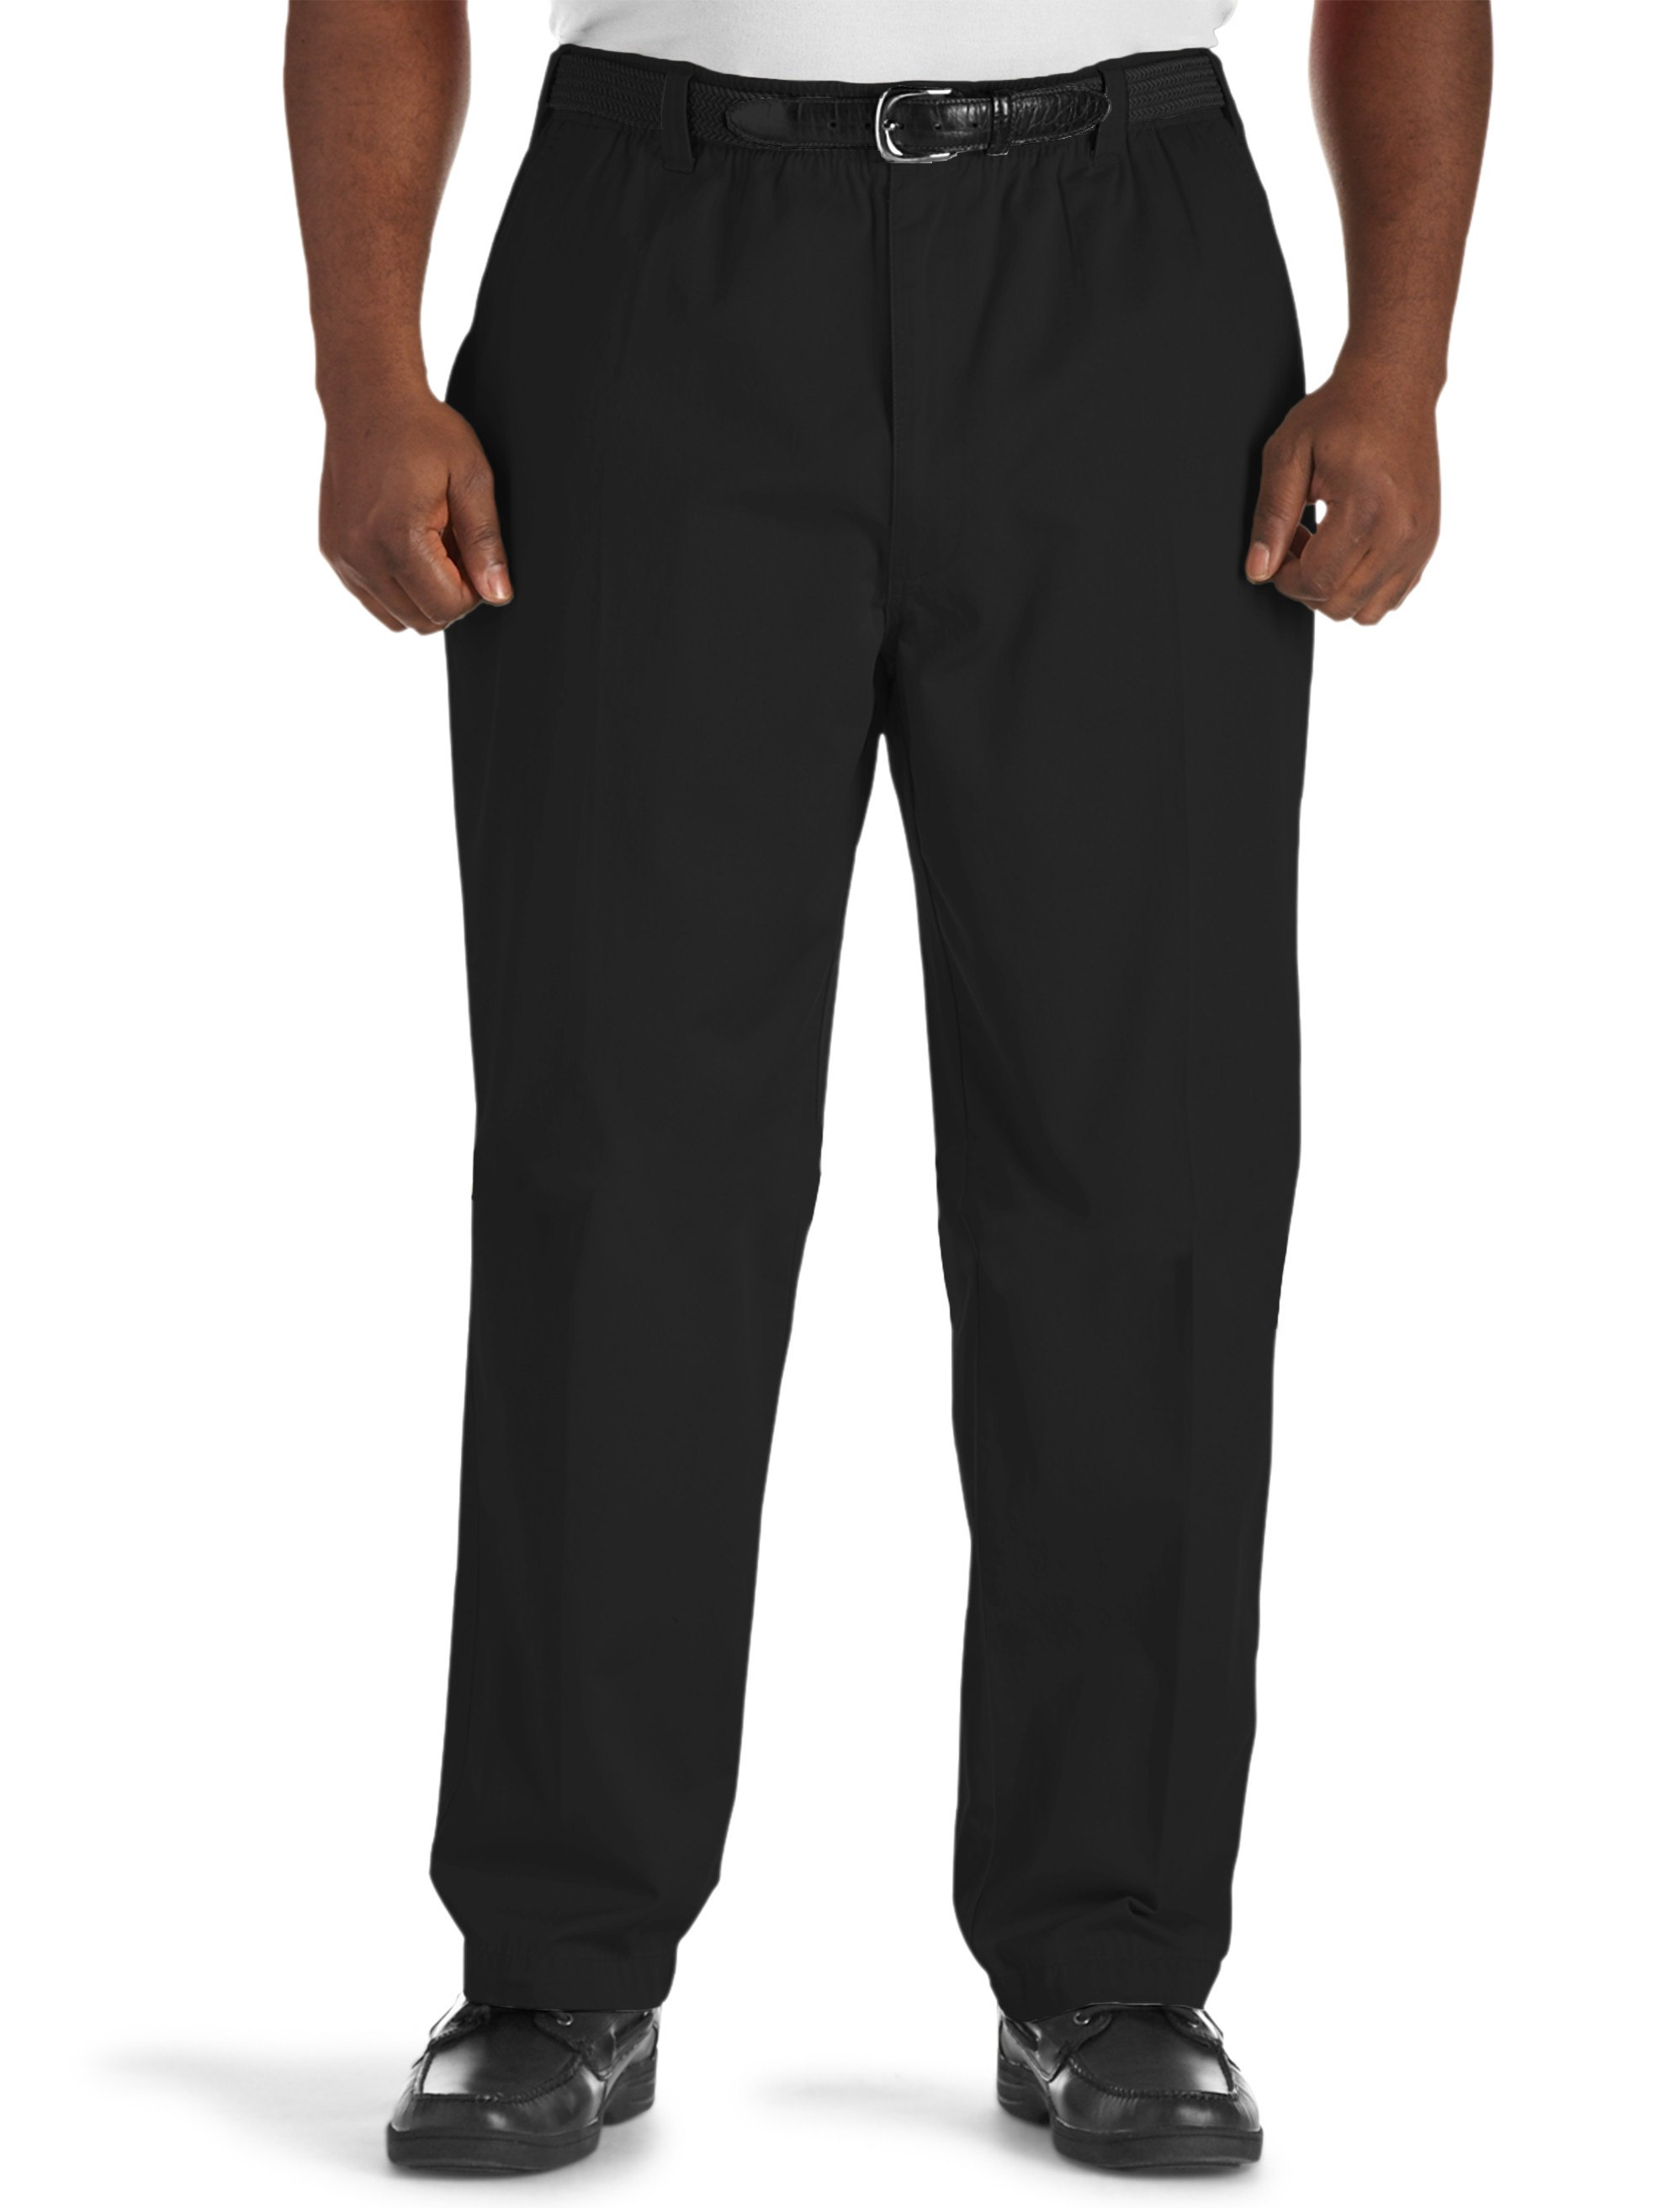 Men's Big & Tall Harbor Bay Elastic-Waist Pants – Unhemmed